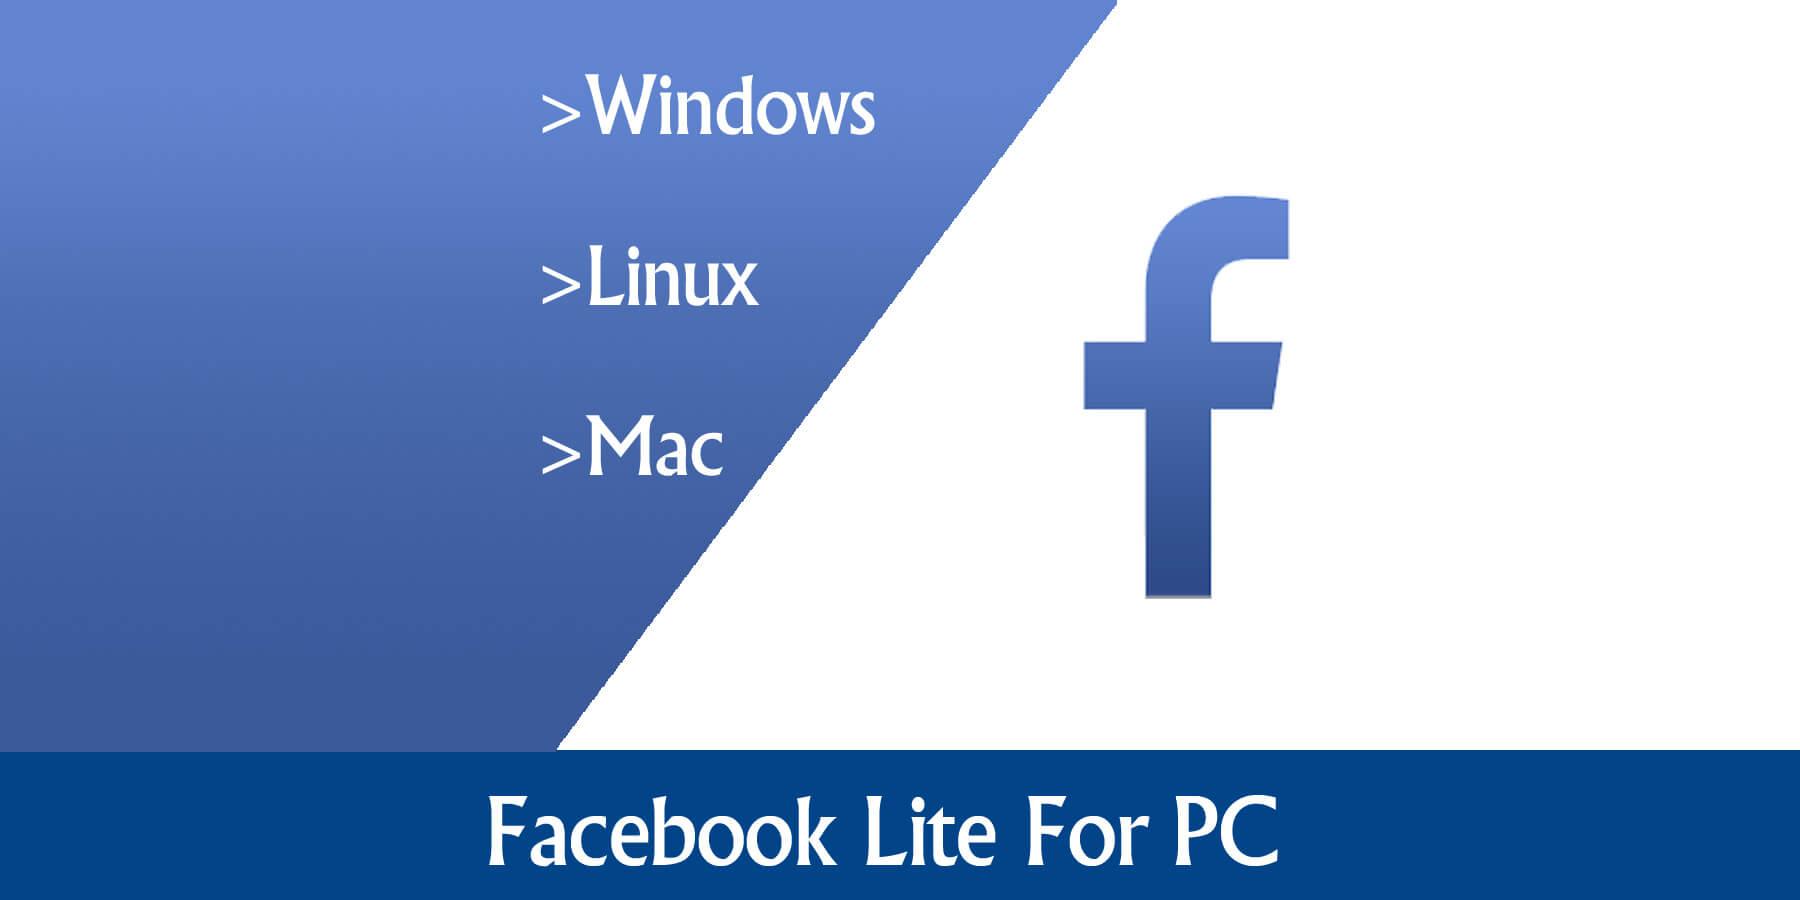 نتيجة بحث الصور عن تحميل فيسبوك لايت للكمبيوتر ويندوز 7